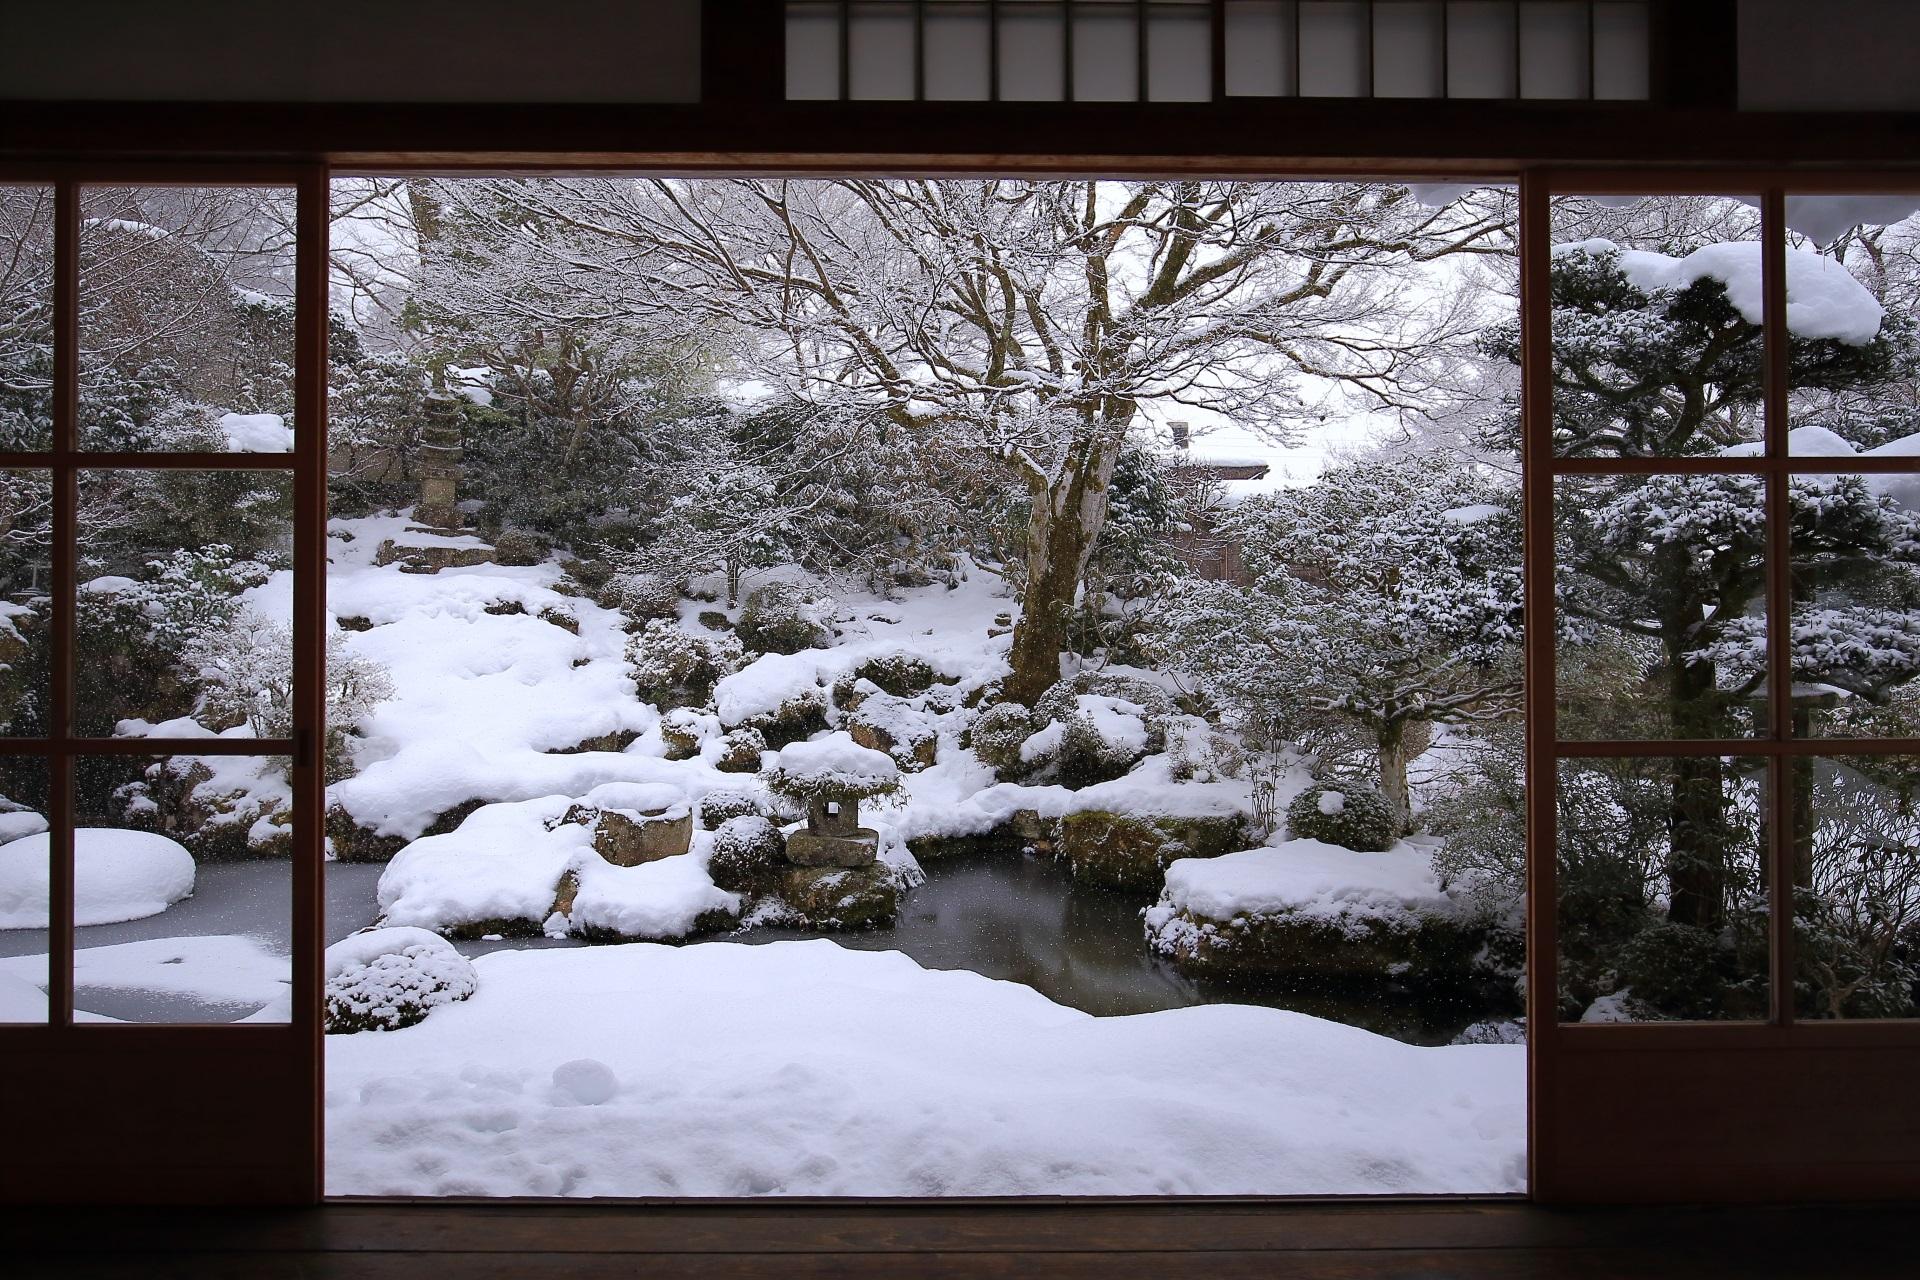 旧理覚院庭園の雪景色